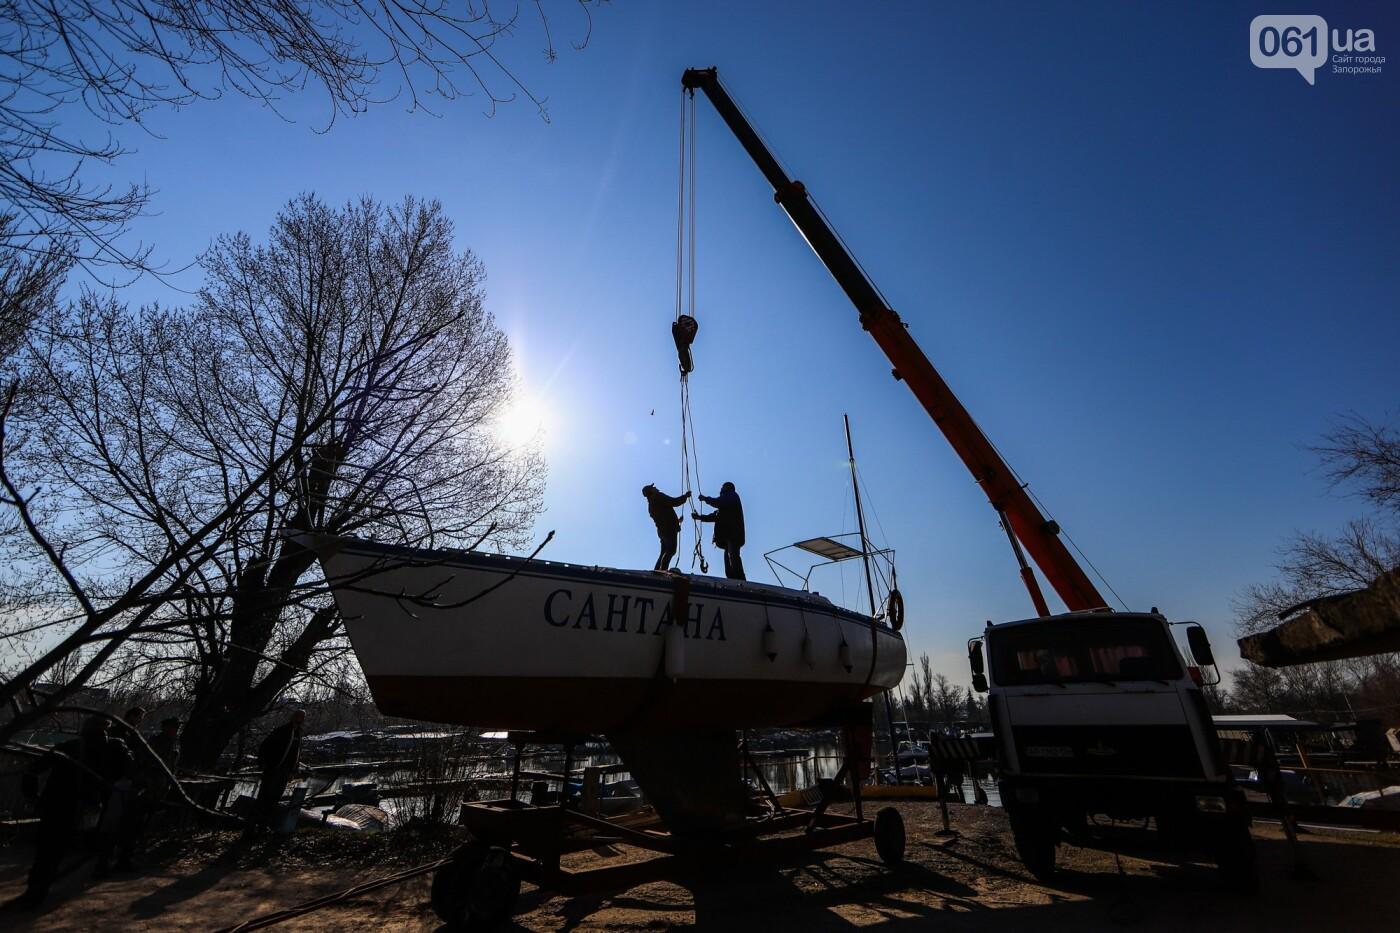 Монтаж первого пролета вантового моста, транспортный локдаун и репортаж из заброшенной шахты: апрель в фотографиях, фото-25